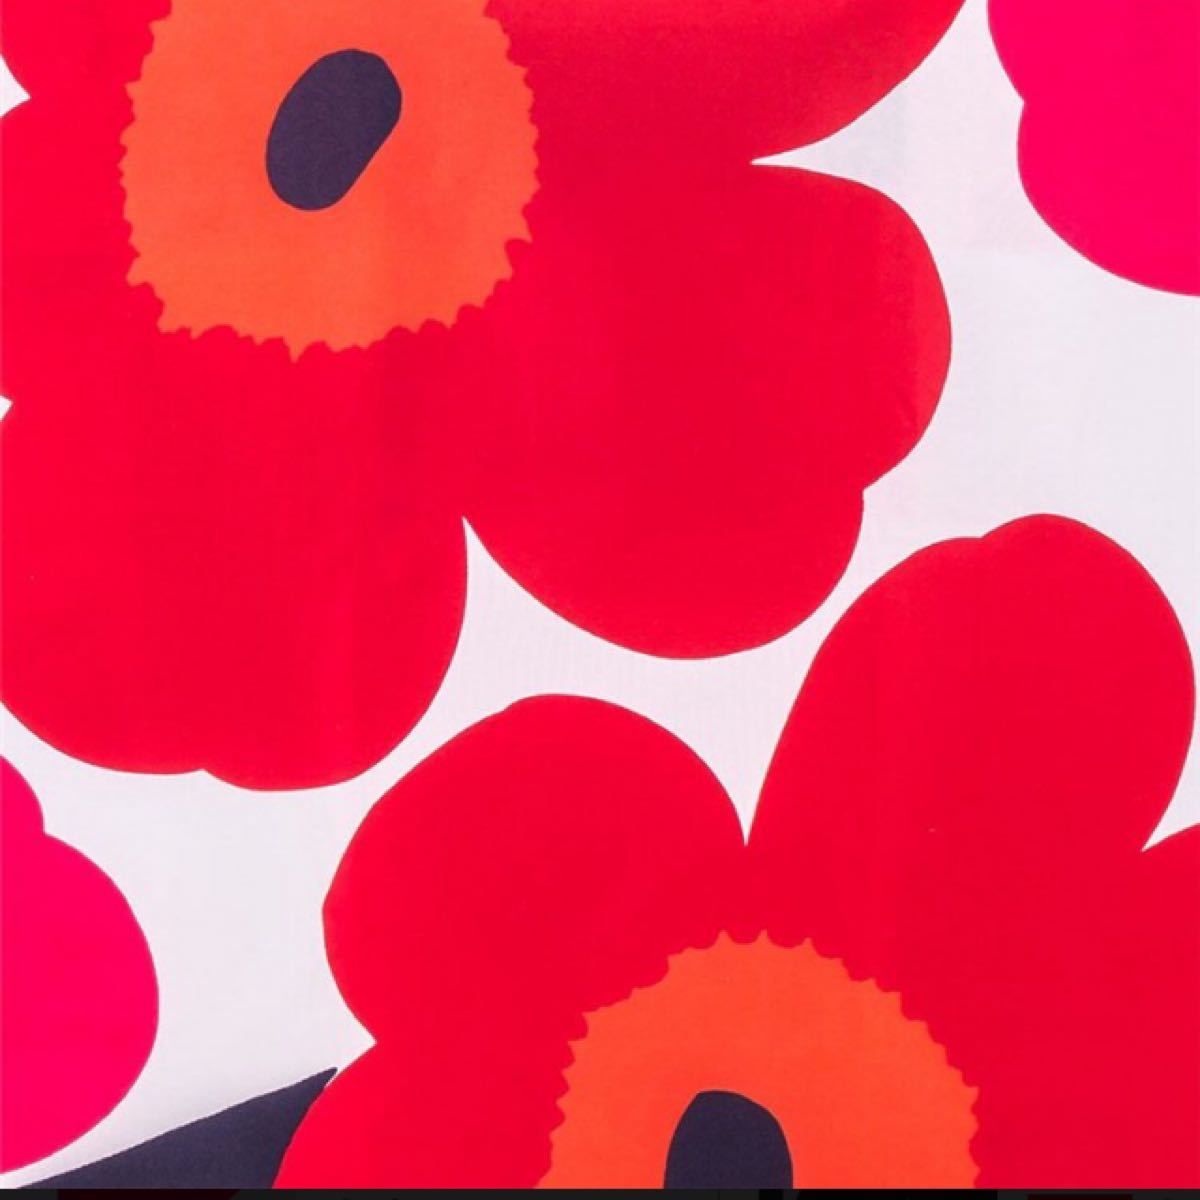 【未開封品】色違い2点セット Marimekko マリメッコ エコバッグ スマートバッグ 買い物バッグ  北欧 トートバッグ